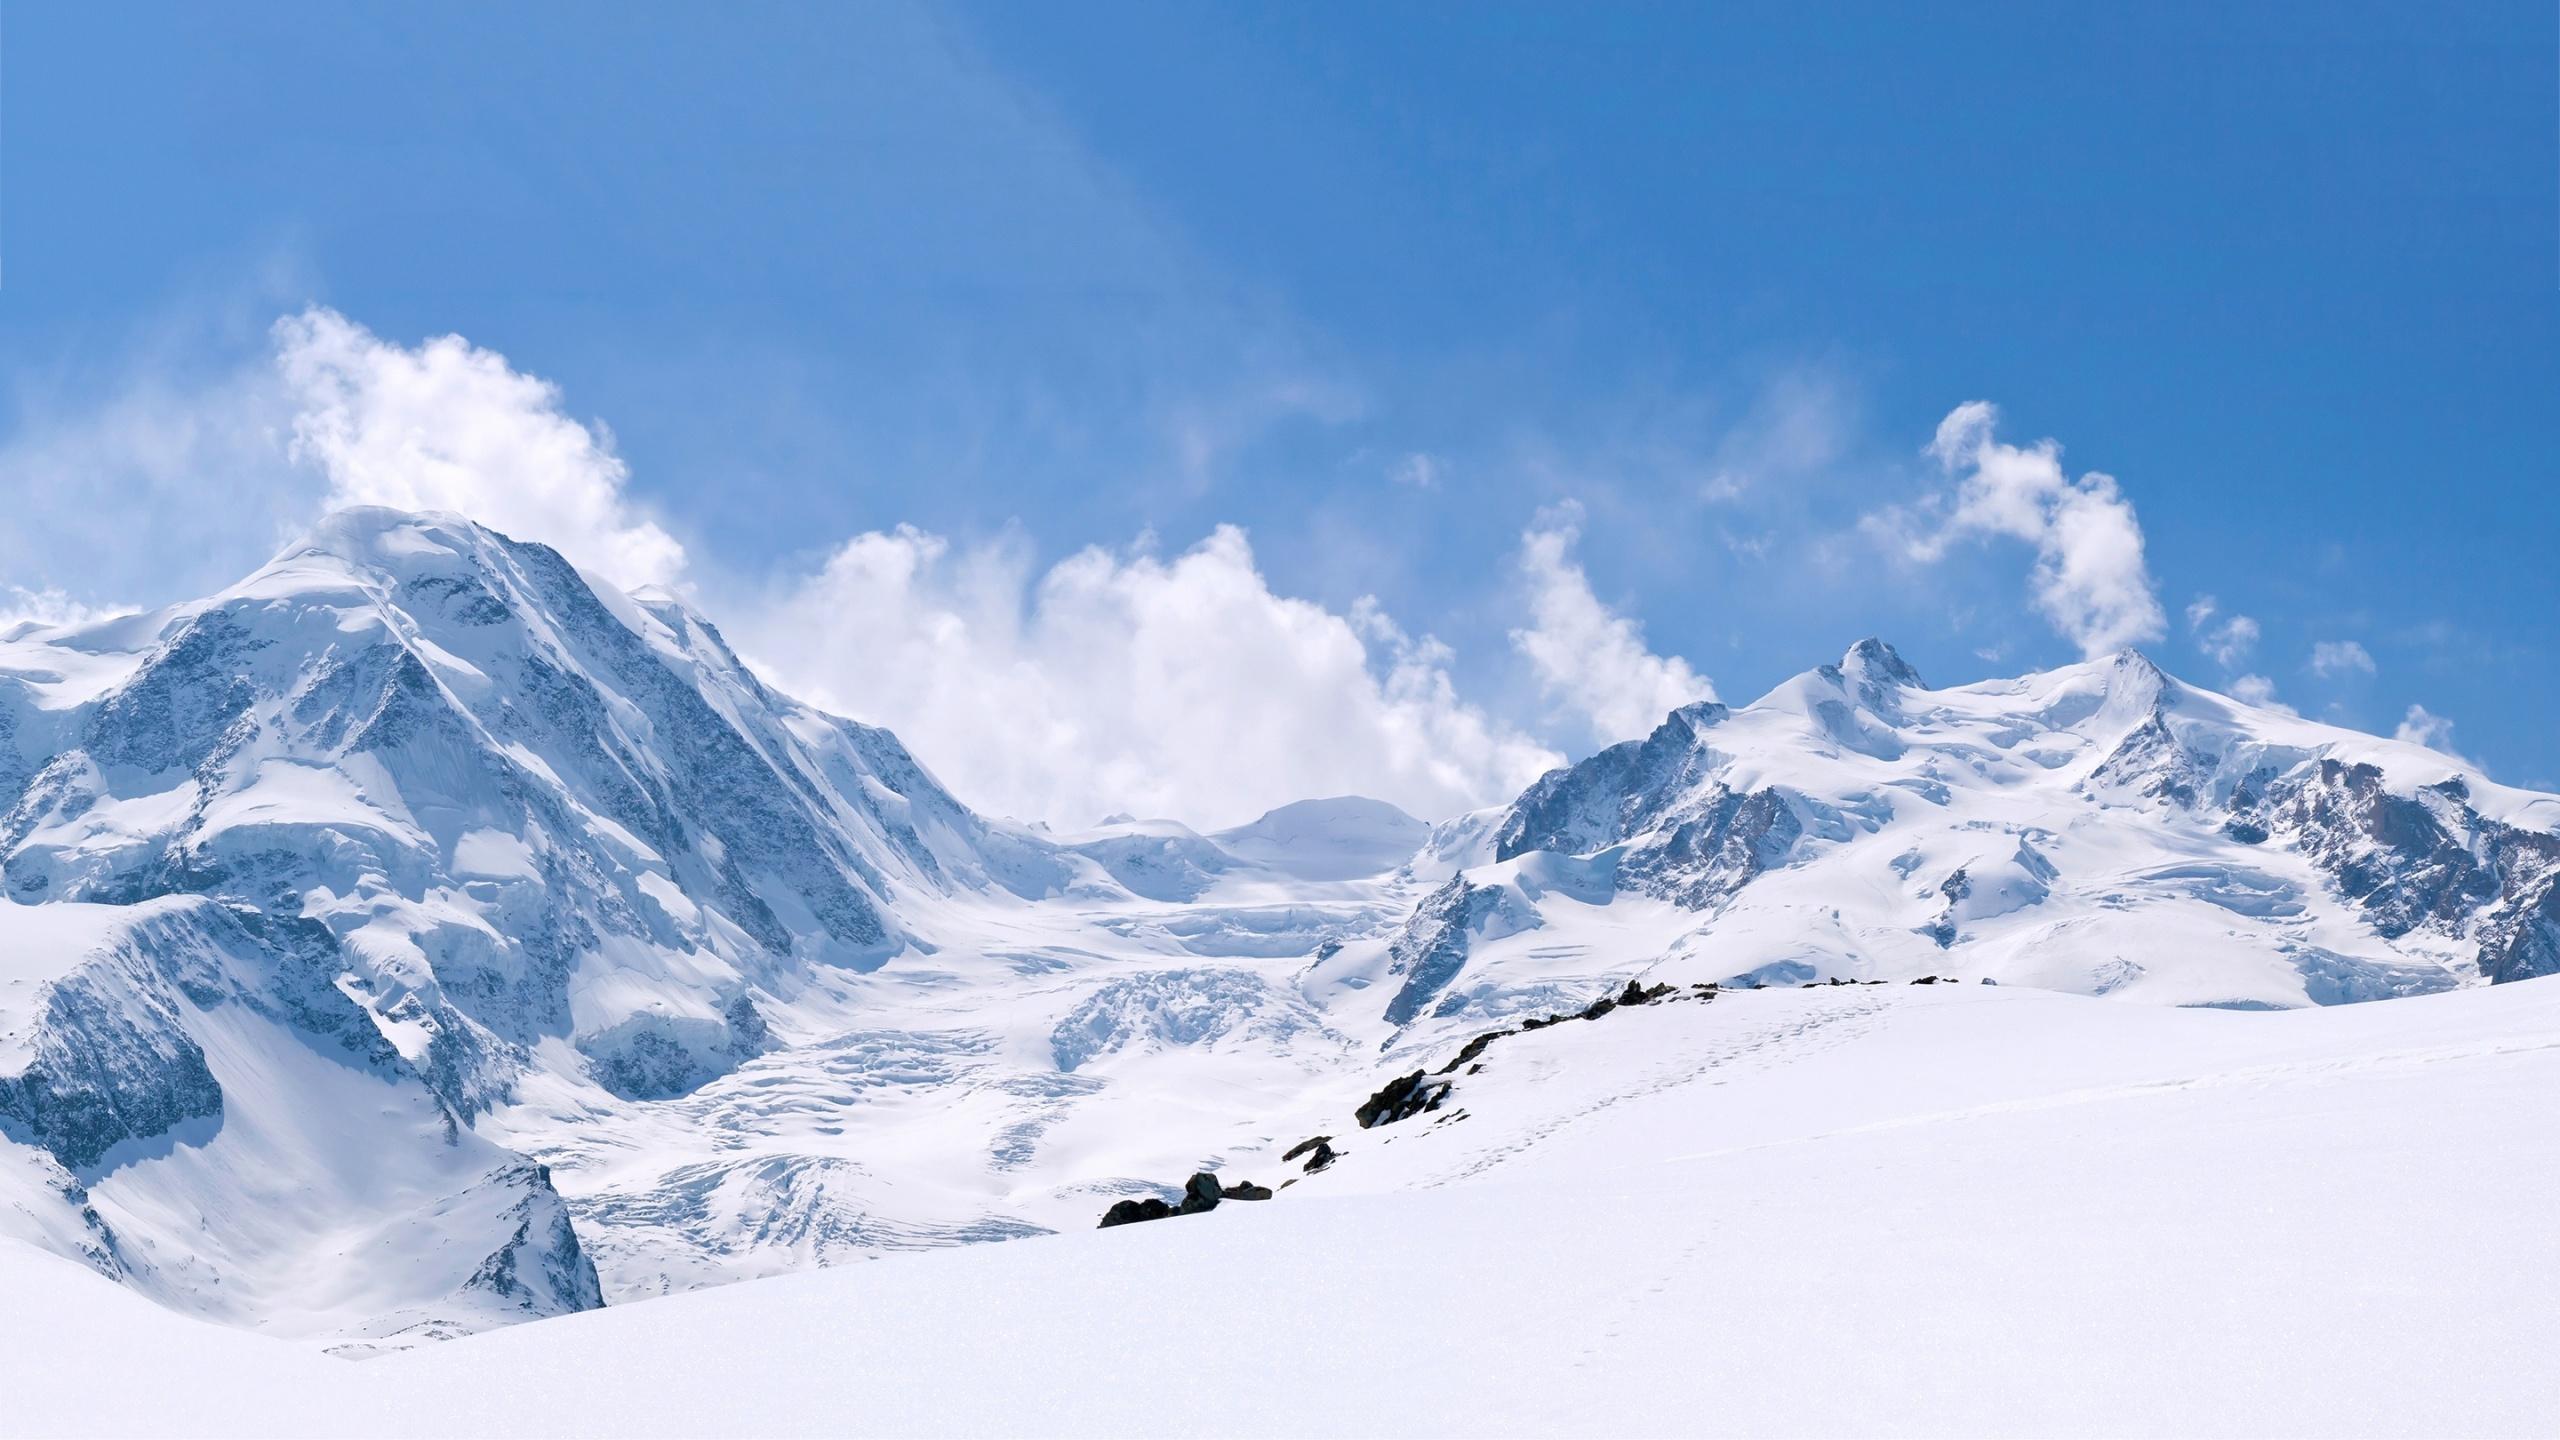 mountain wallpapers free,mountainous landforms,mountain,mountain range,snow,sky